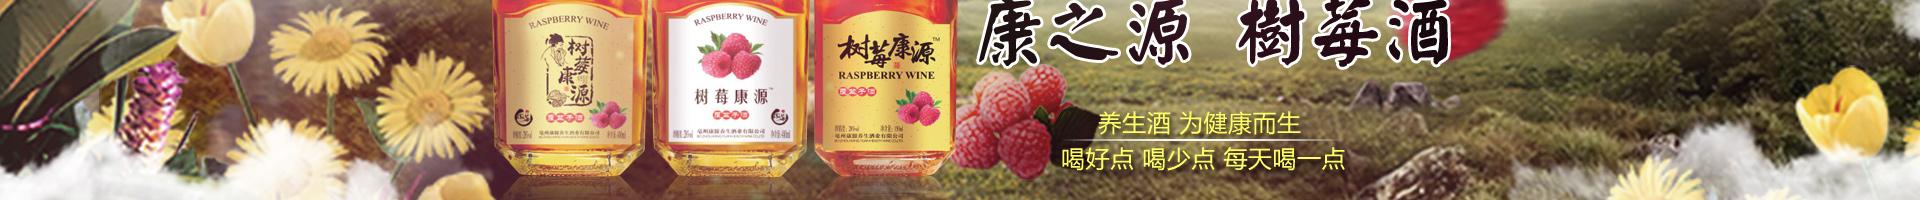 亳州康源养生酒业有限公司